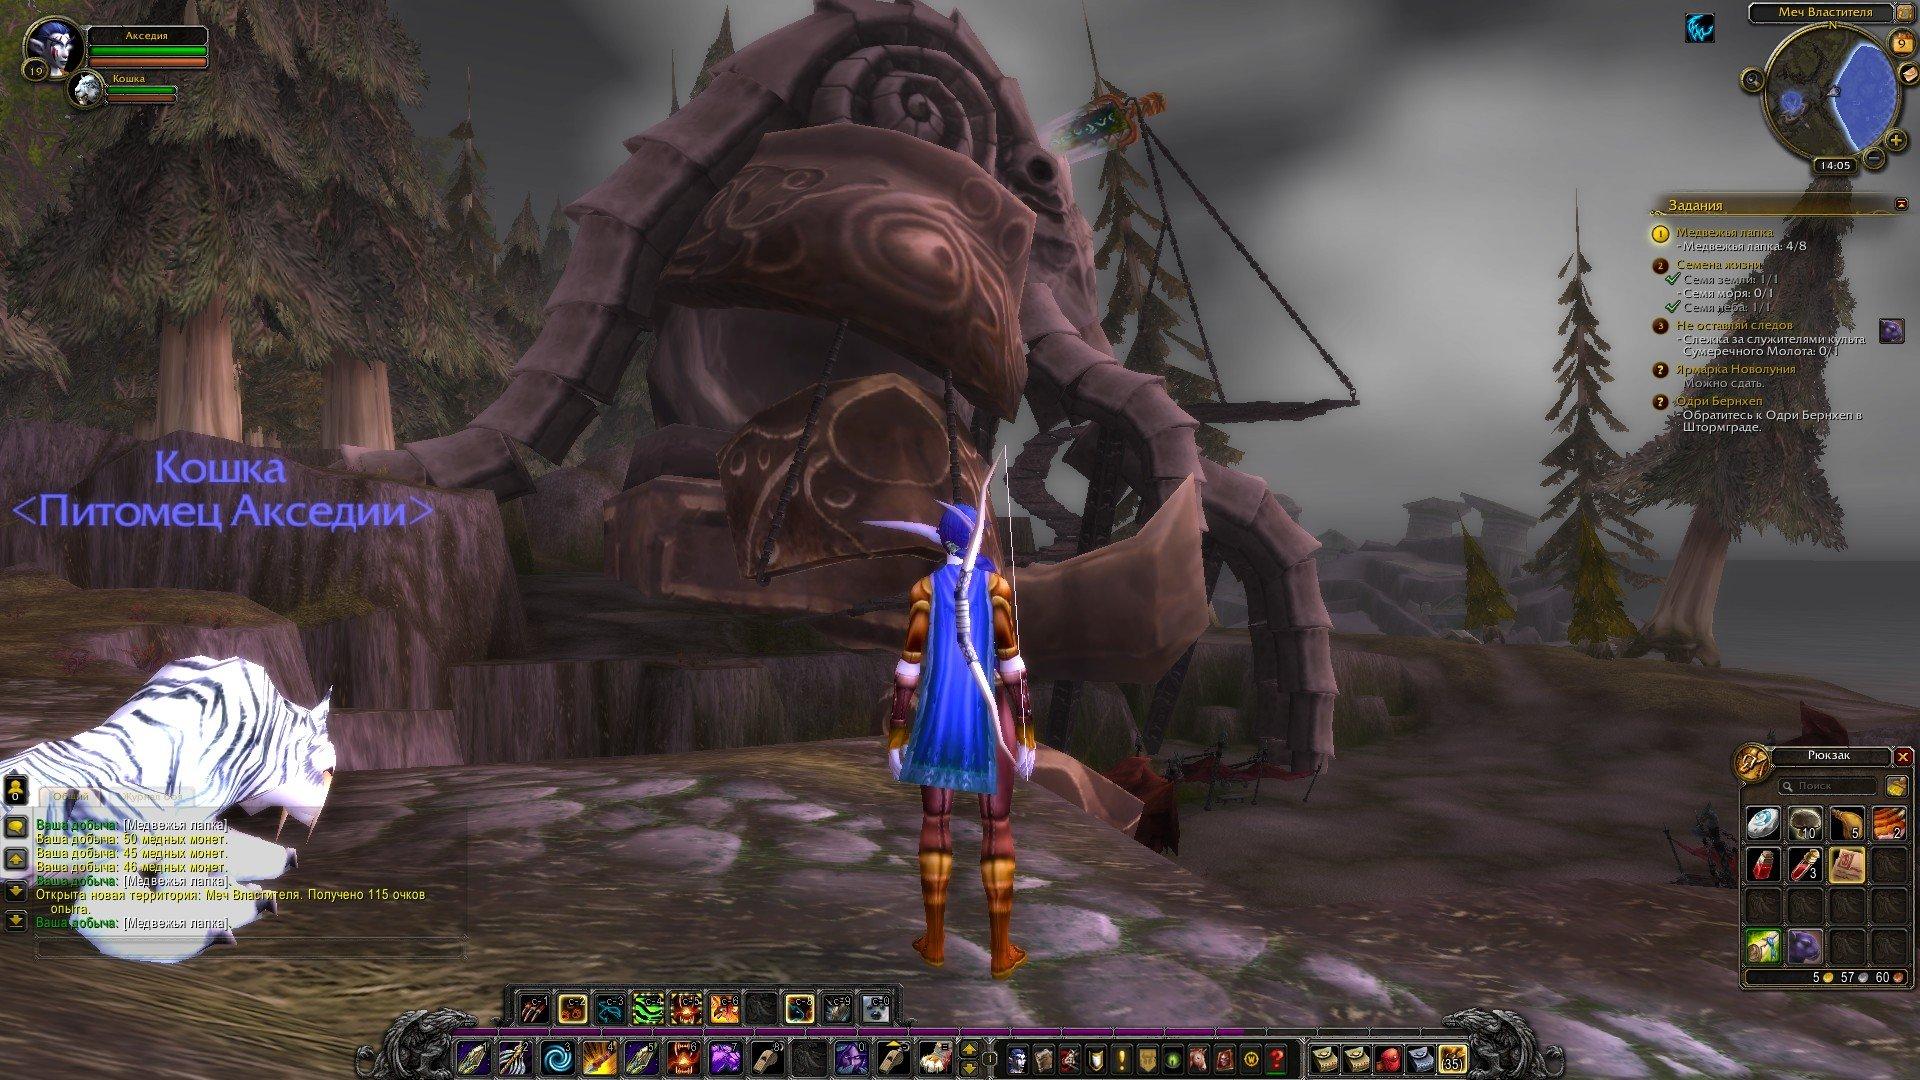 Путешествие по World of Warcraft ... Ночной Эльф. Глава 2. - Изображение 22